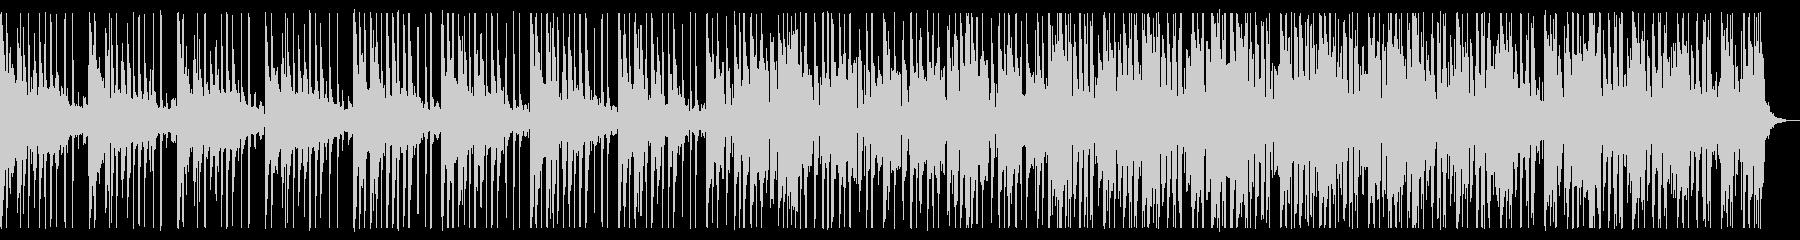 シティポップトラック_No623_3の未再生の波形